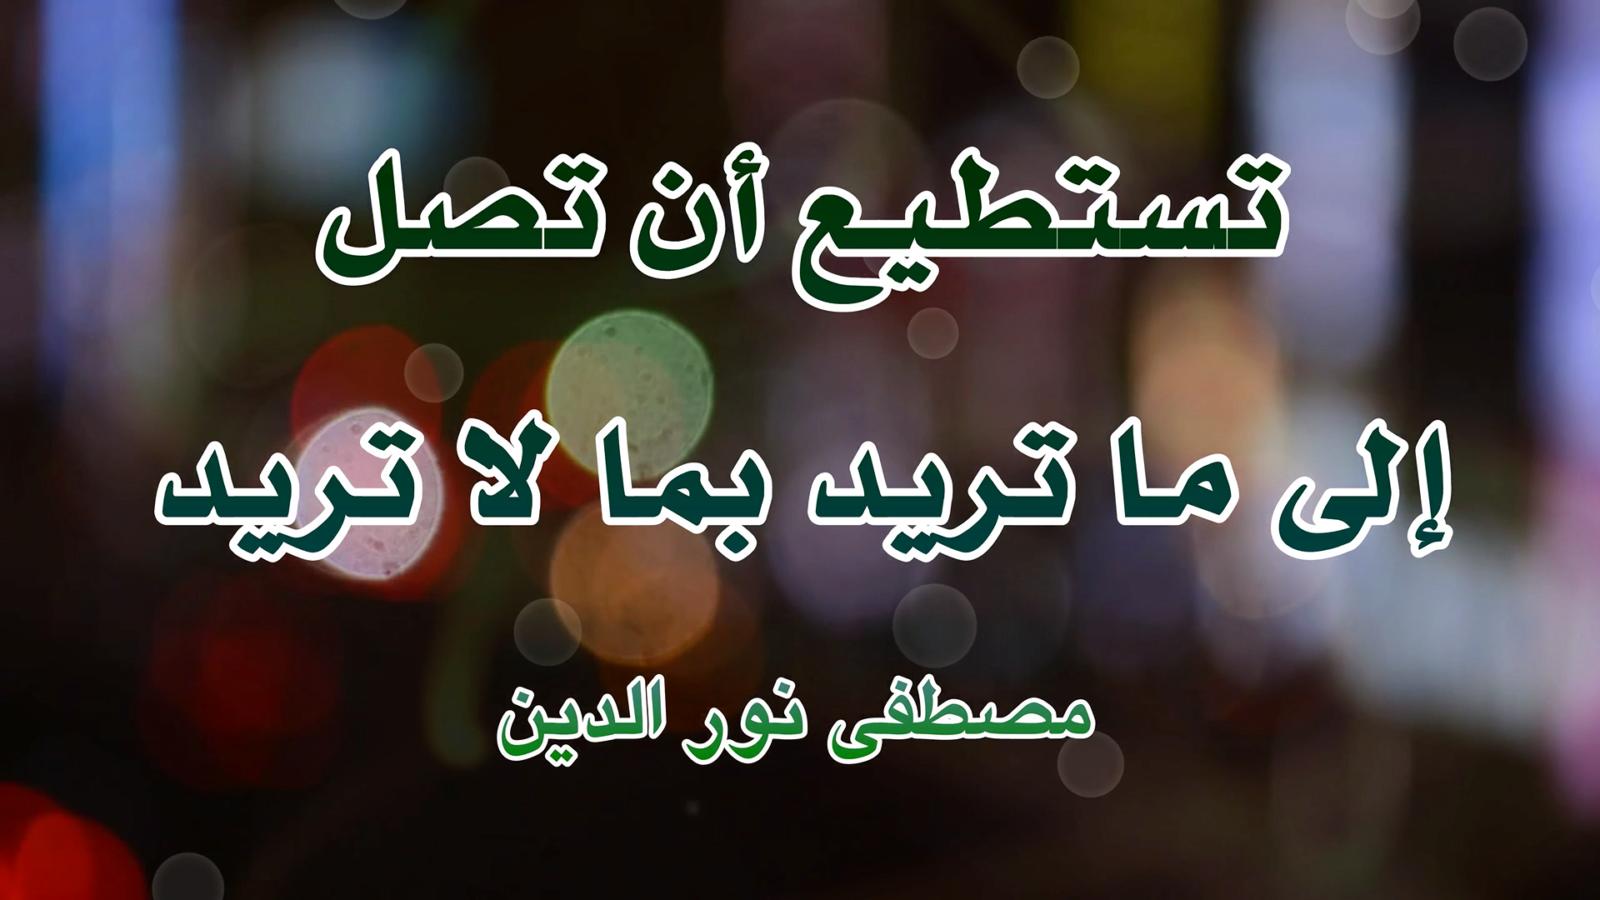 اقوال عن الاراده تستطيع أن تصل إلى ما تريد بما لا تريد مصطفى نور الدين Incoming Call Screenshot Incoming Call